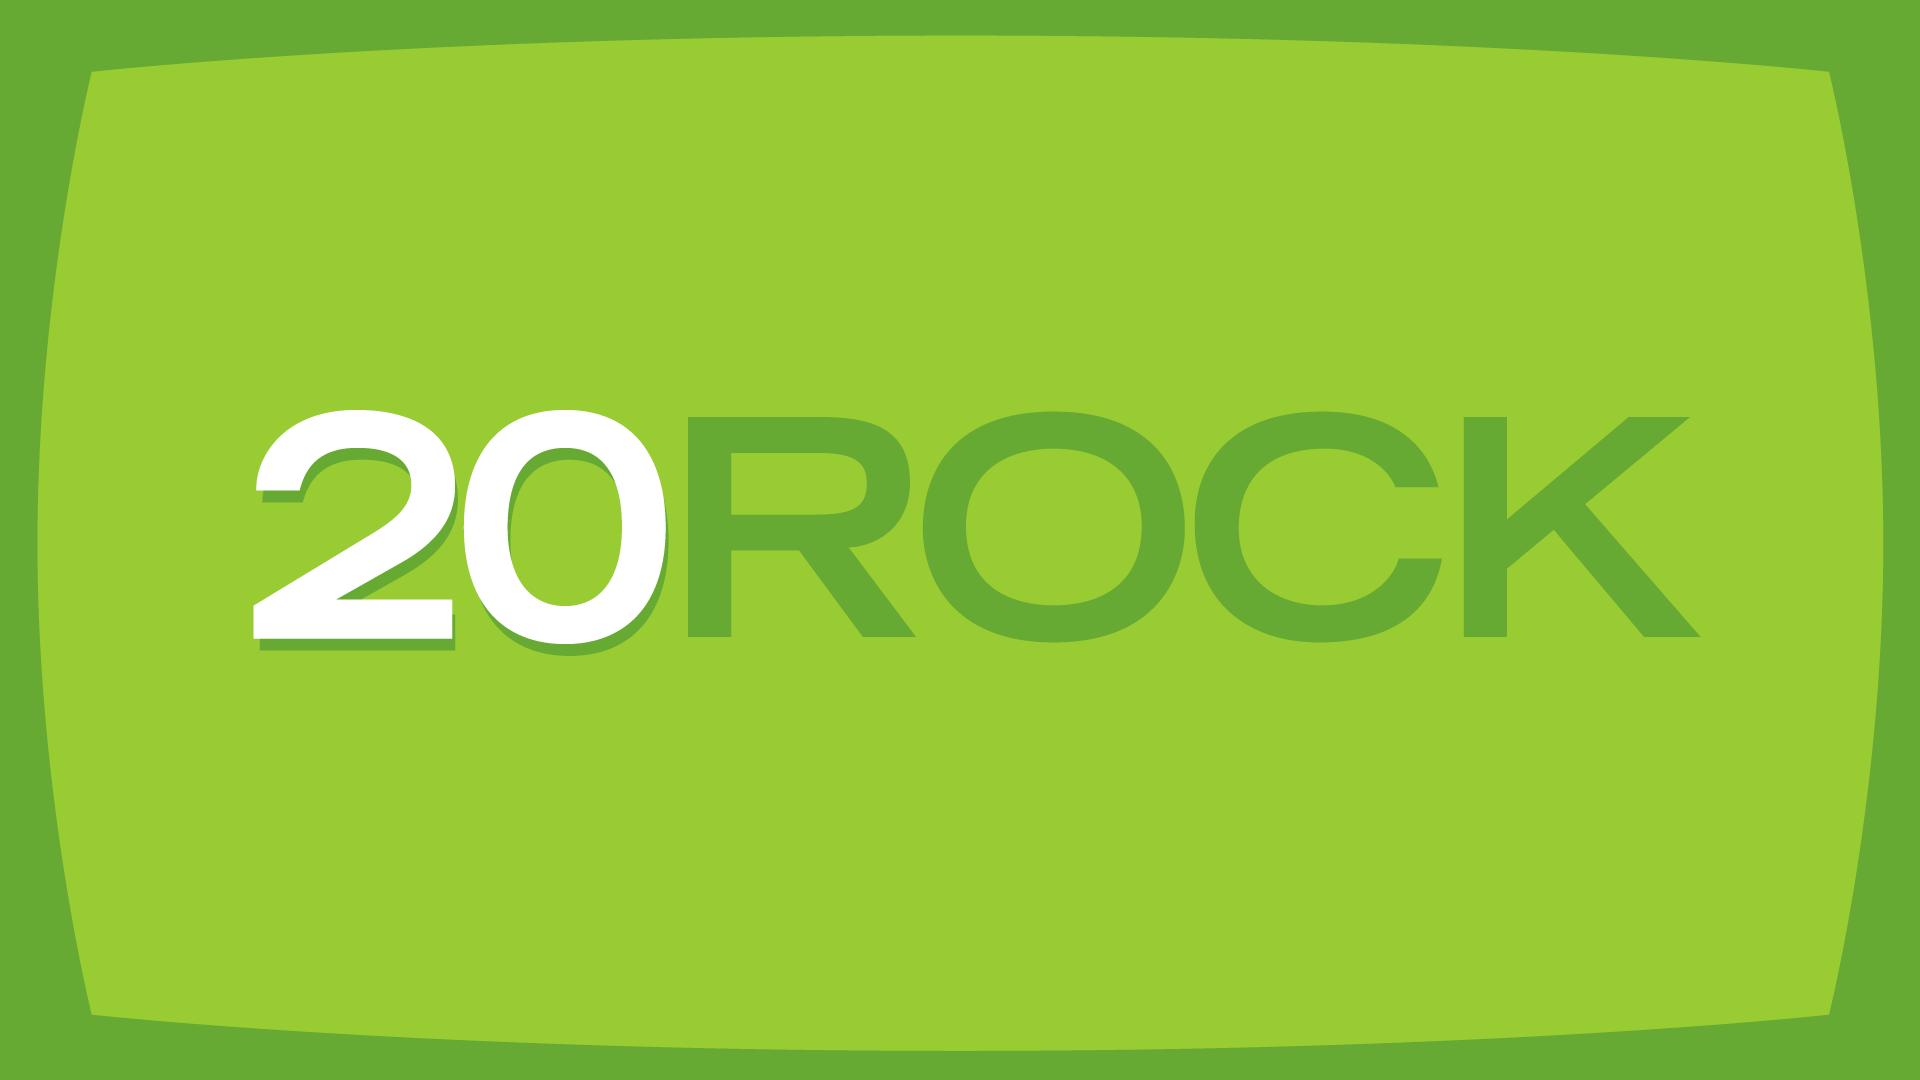 20 Rock